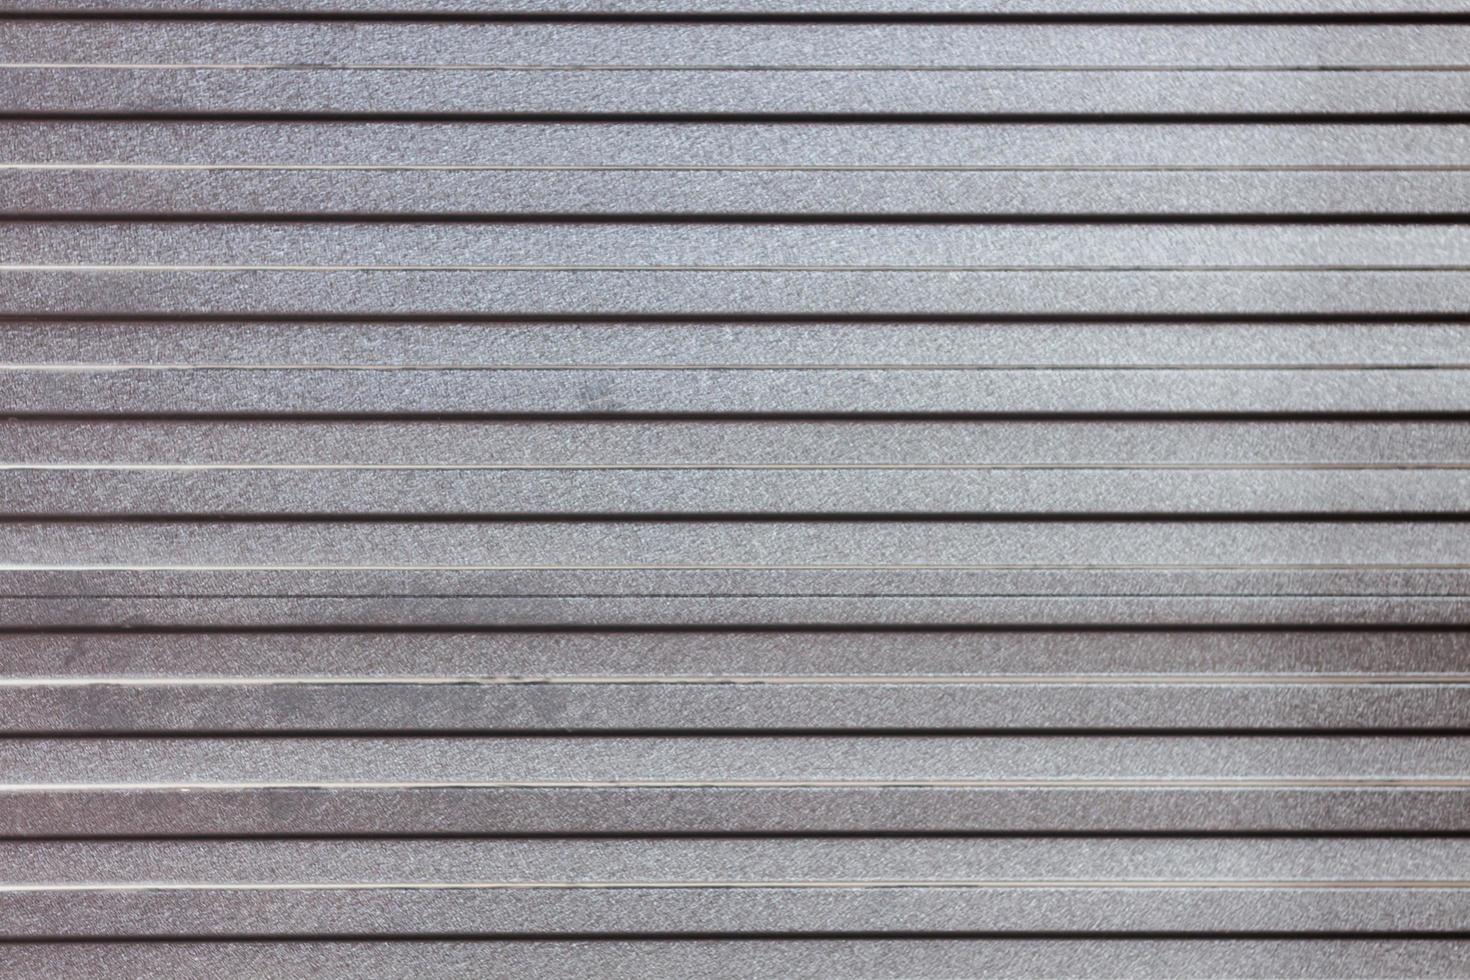 texture en métal noir photo